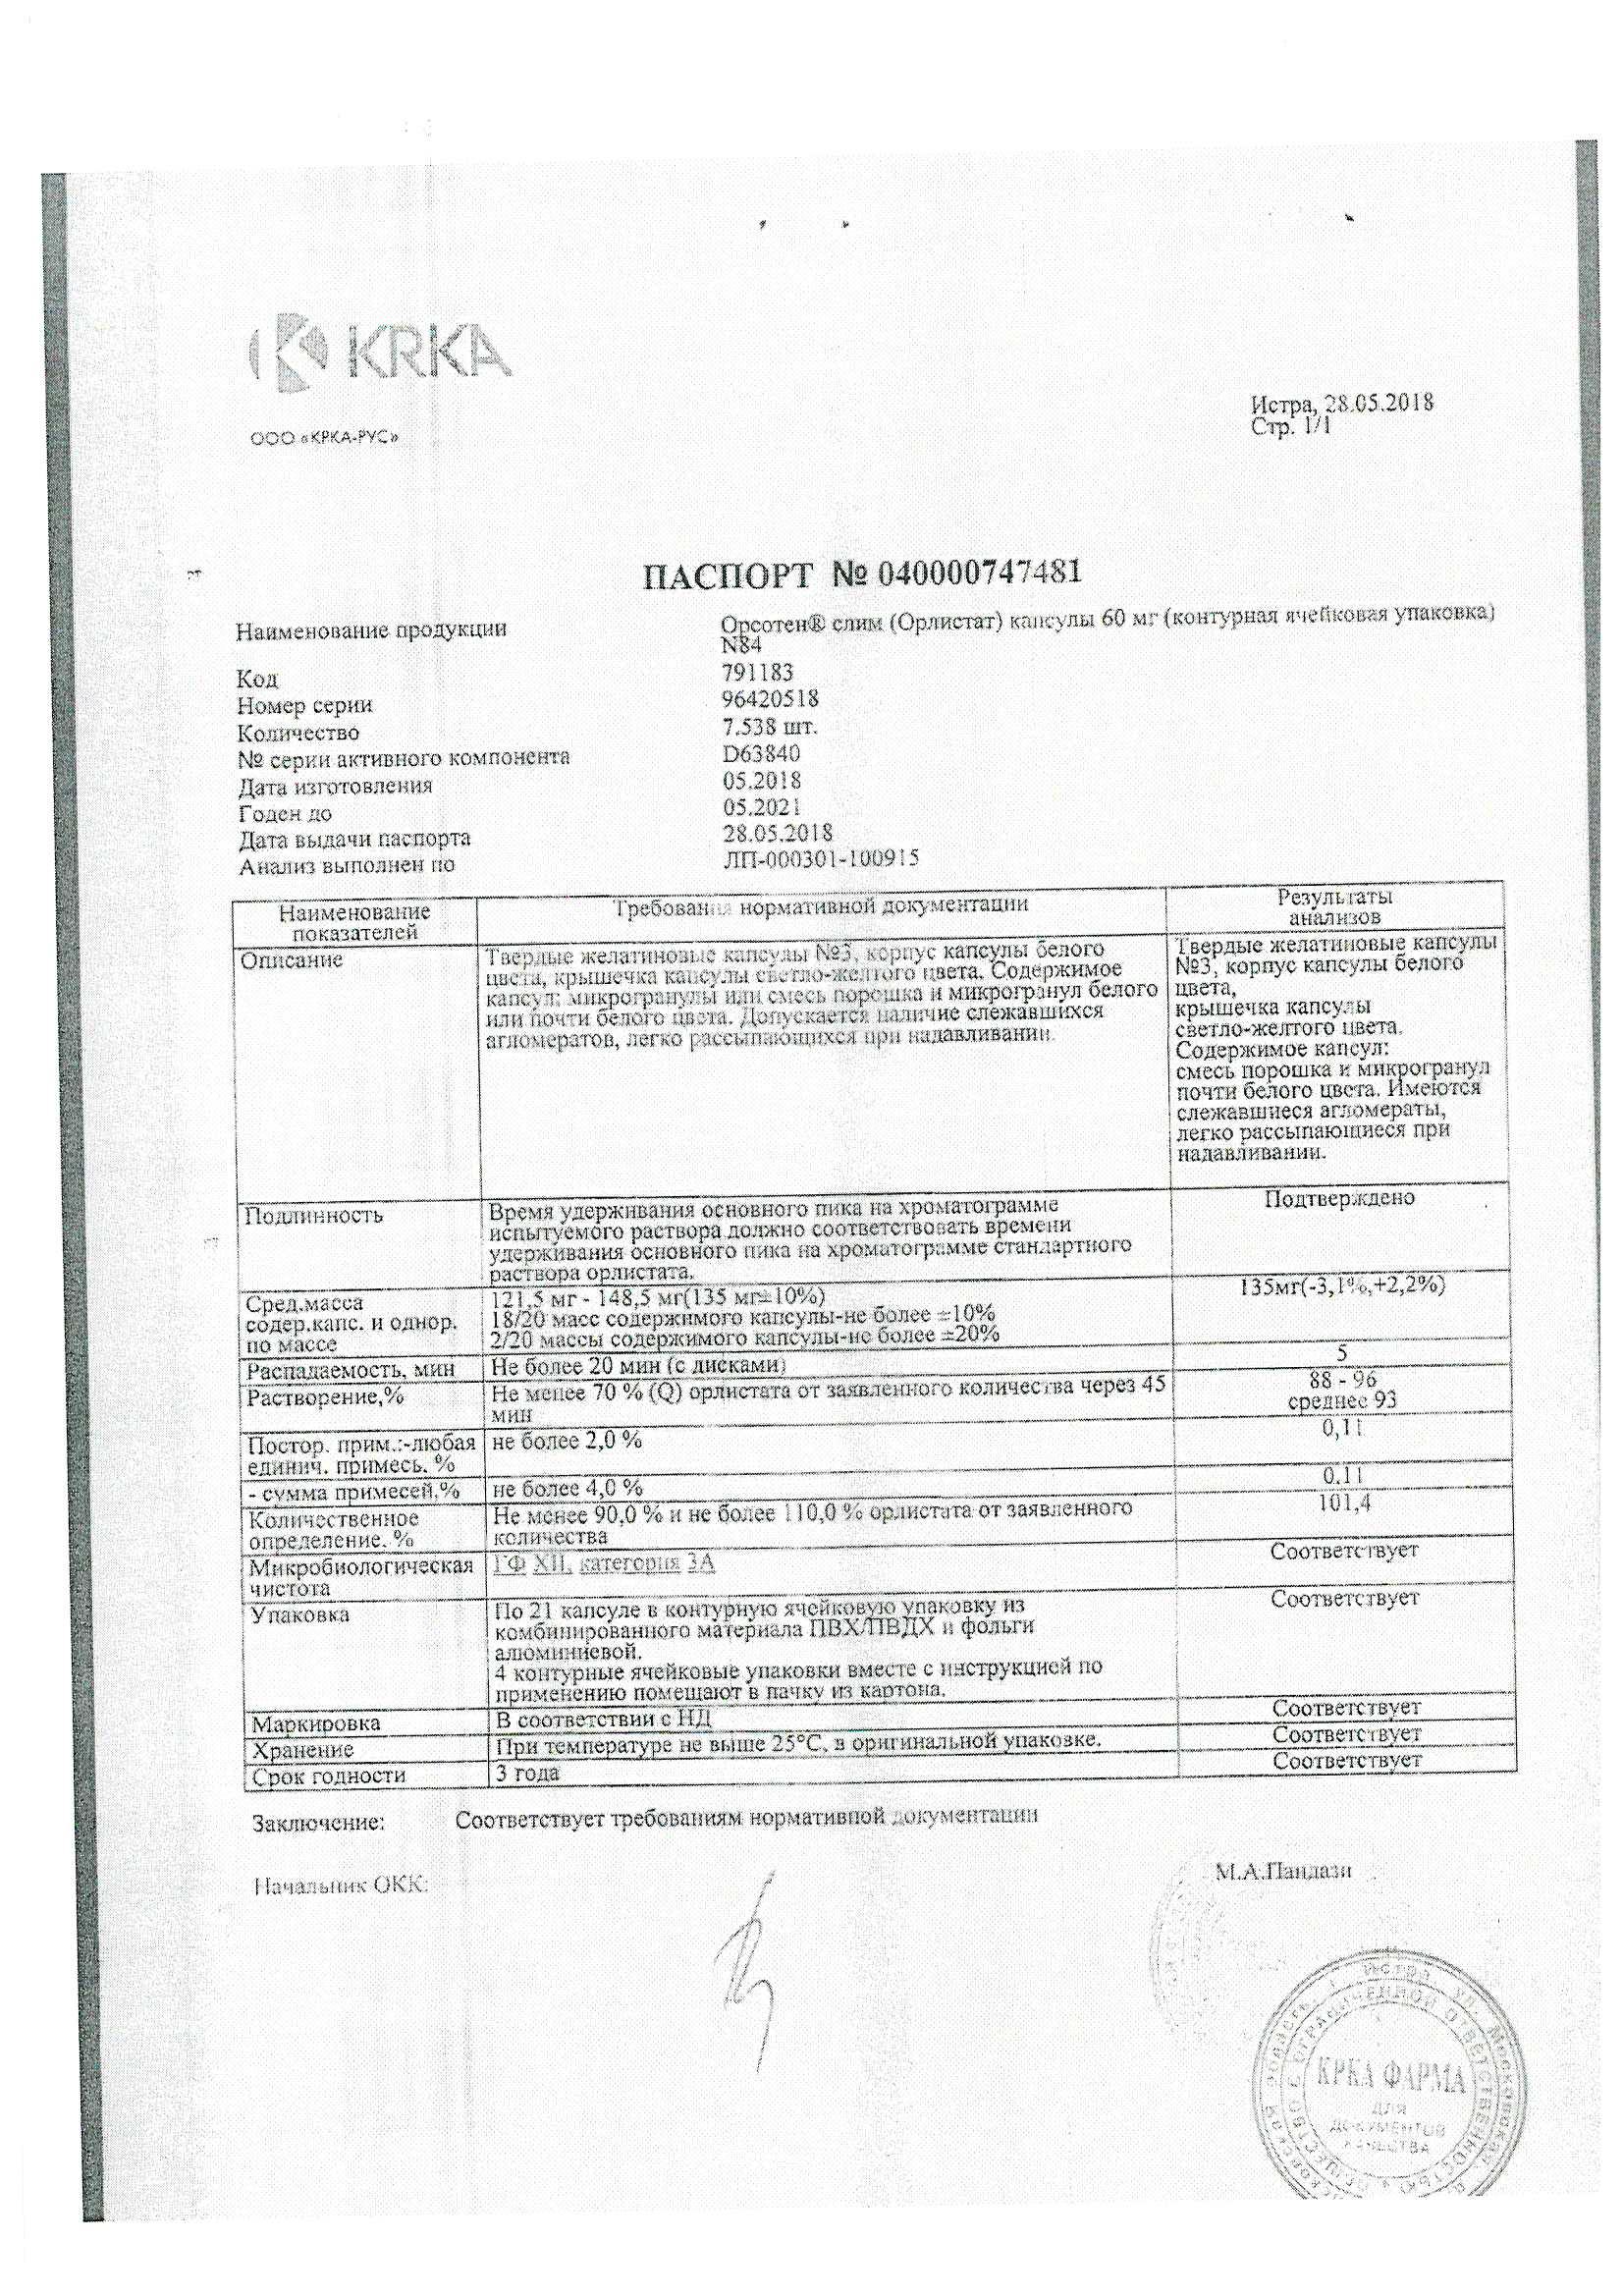 Орсотен: инструкция по применению, аналоги и отзывы, цены в аптеках россии